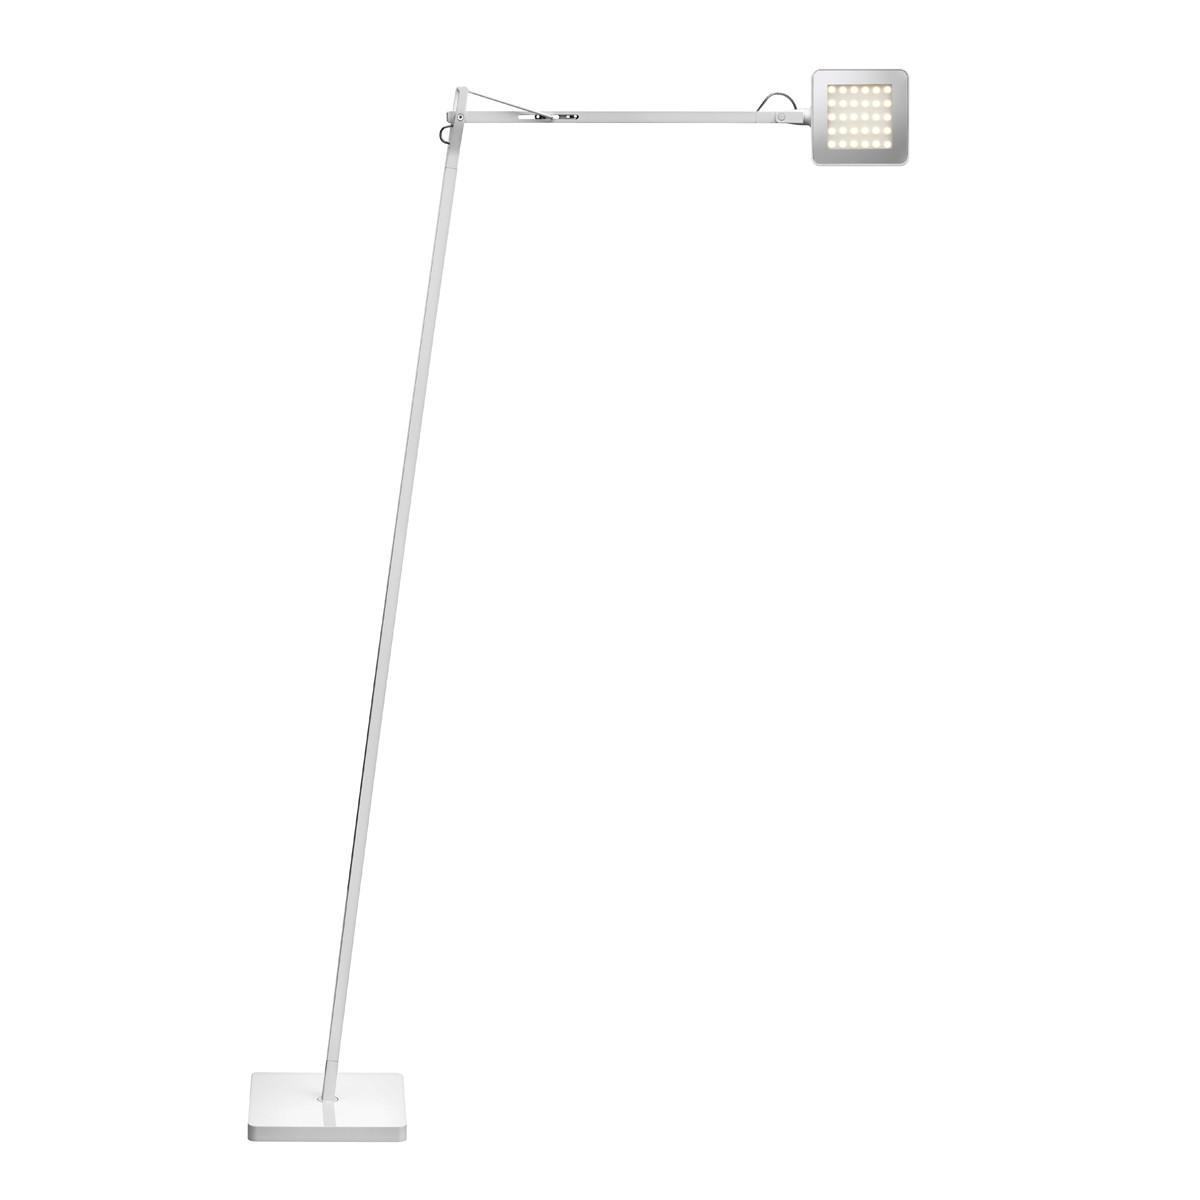 Flos Kelvin LED F Stehleuchte, weiß glänzend